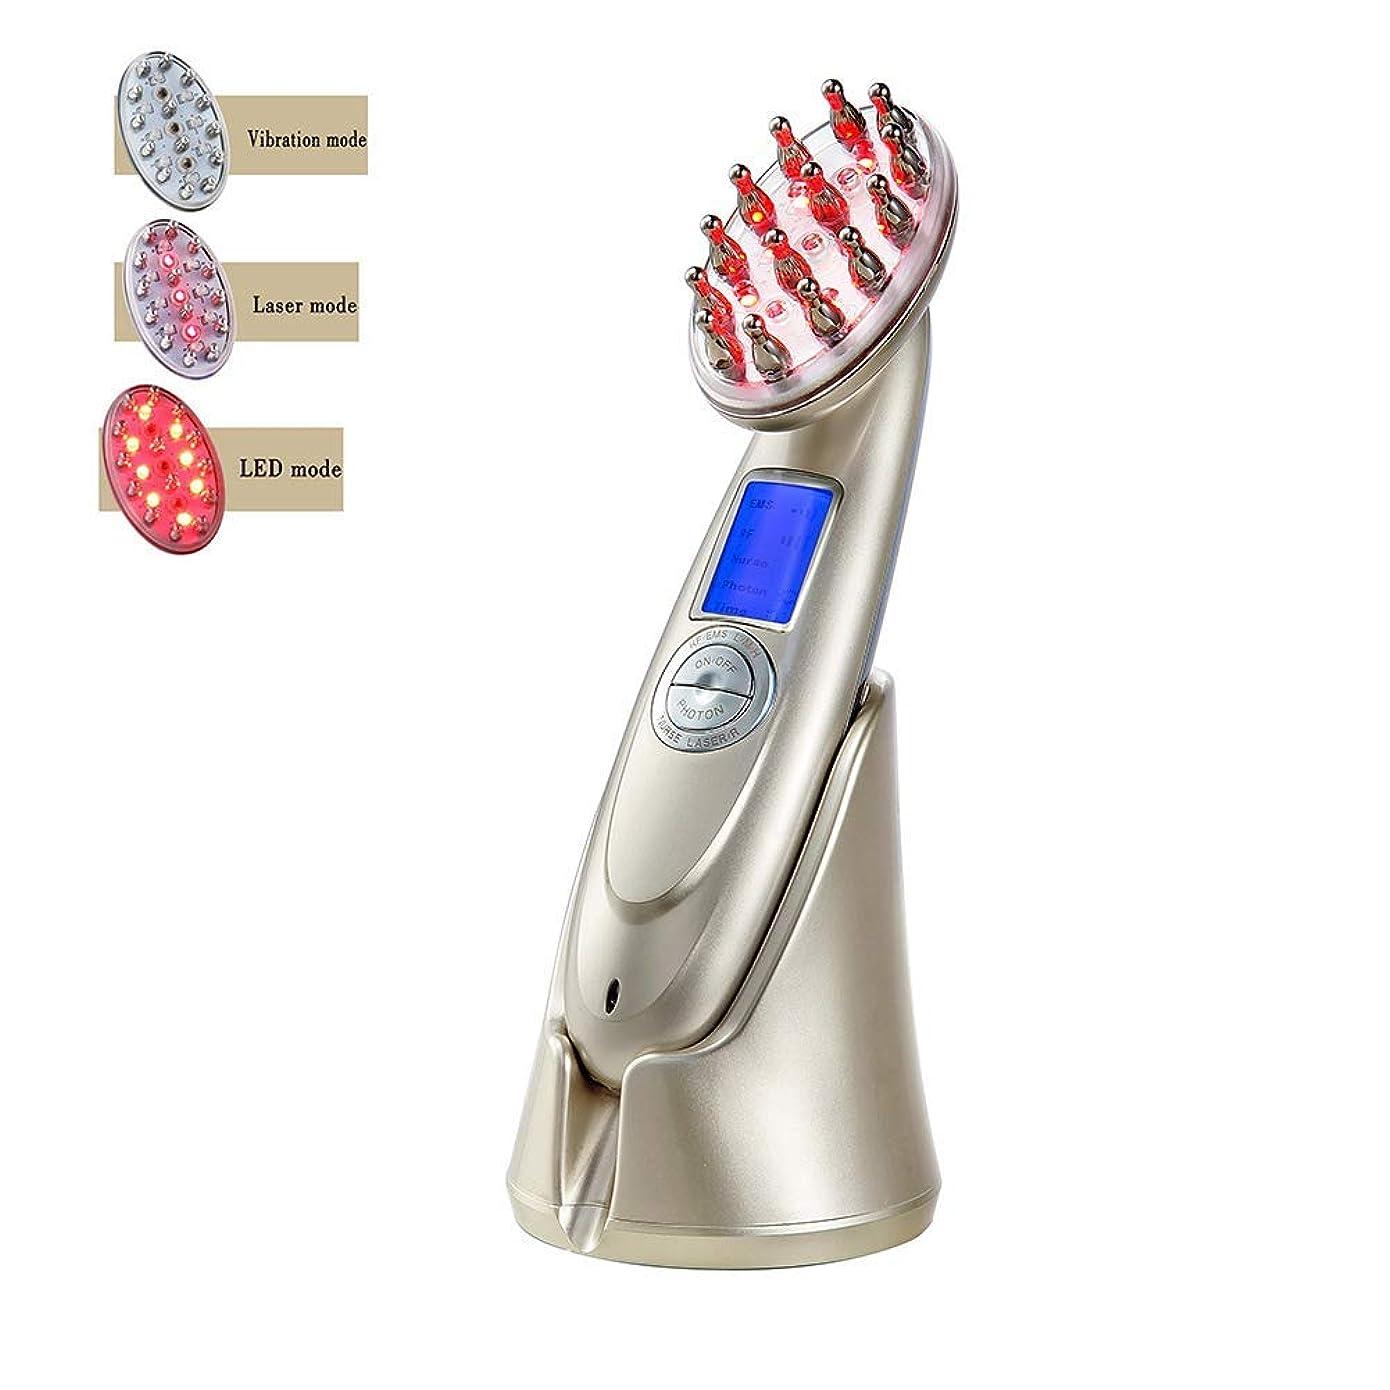 きらめくムス小石プロの電気毛の成長レーザーの櫛は RF の EMS LED の光子ライト療法のヘアブラシの反毛の損失の処置マッサージ器の毛の再生のブラシ